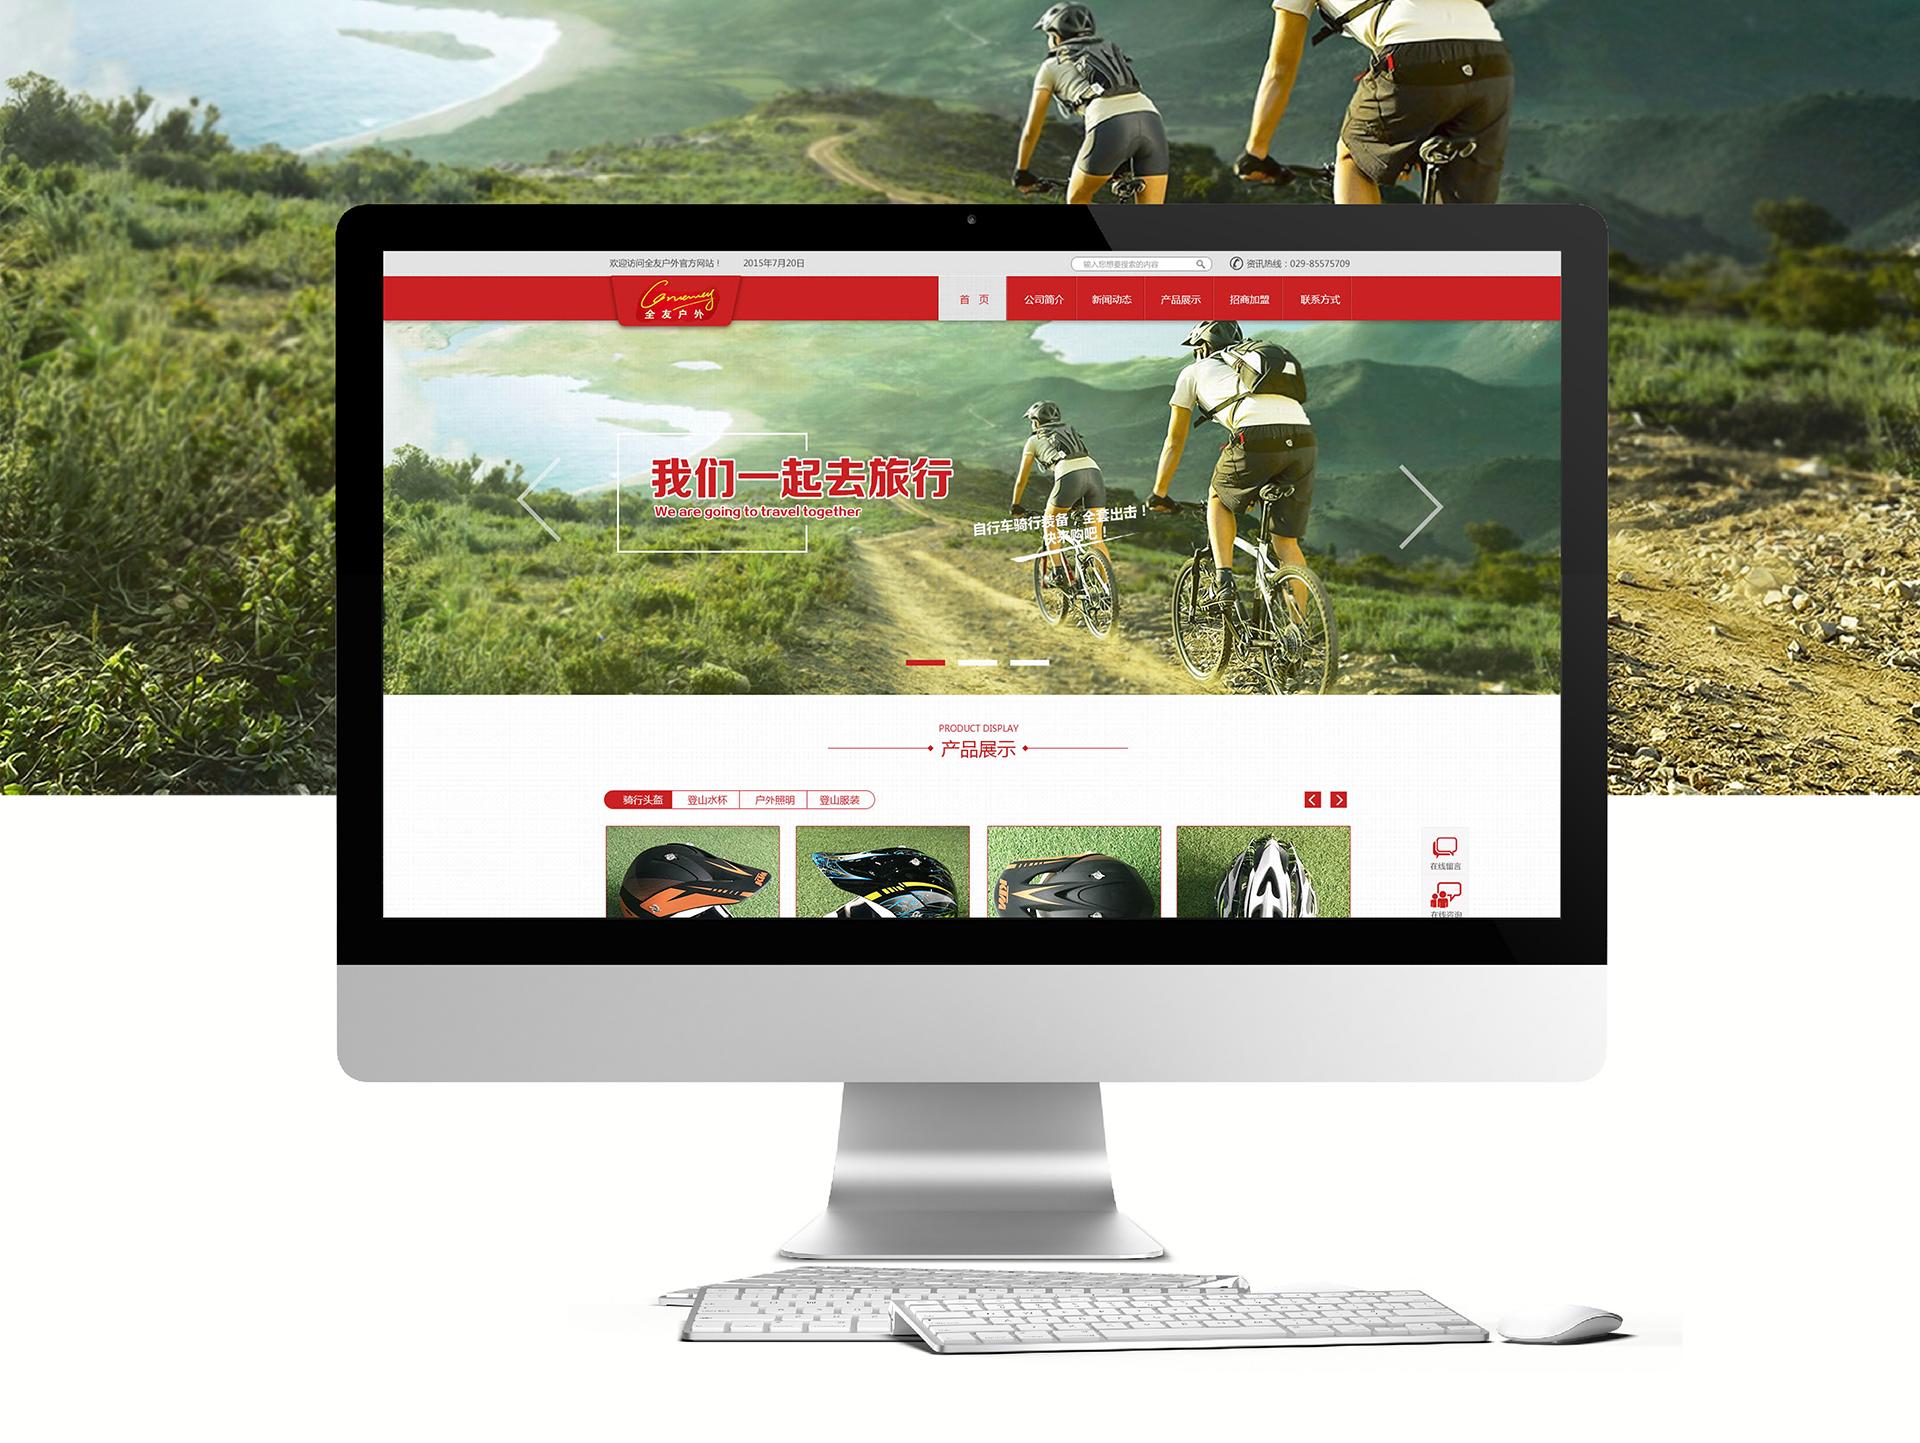 全友户外网站设计稿图片